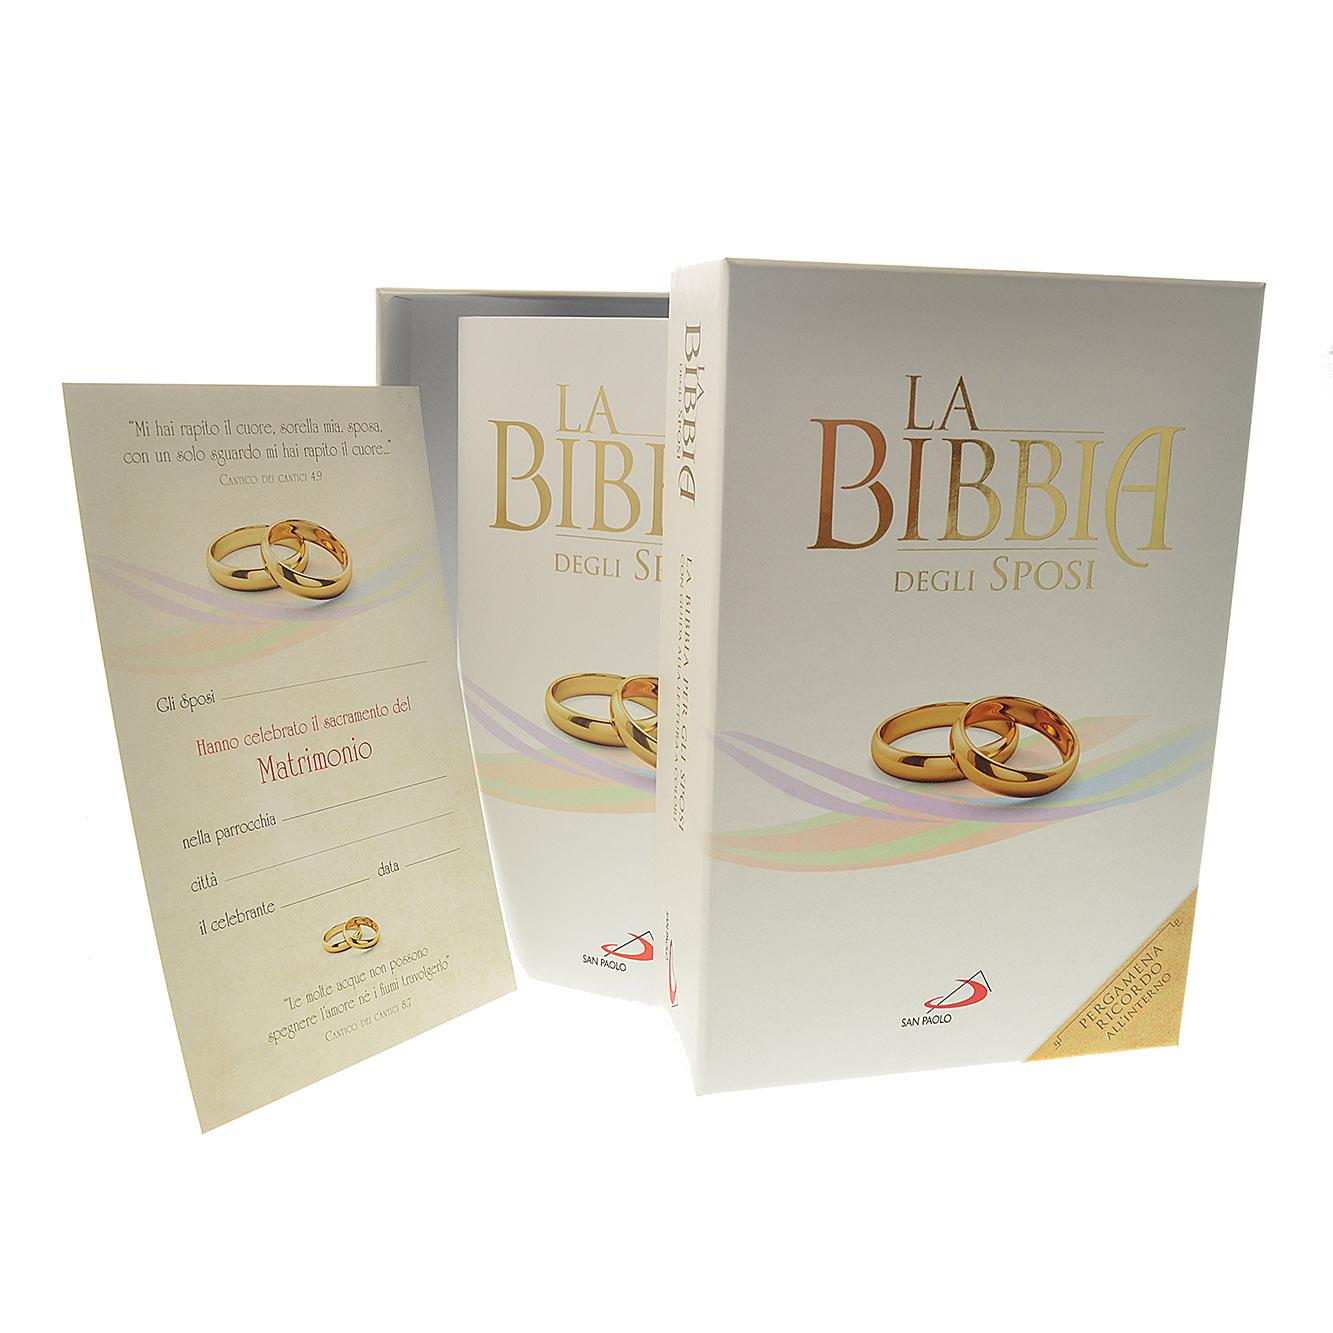 Anniversario Matrimonio Bibbia.La Bibbia Degli Sposi Edizione Con Scatola E Pergamena Libro